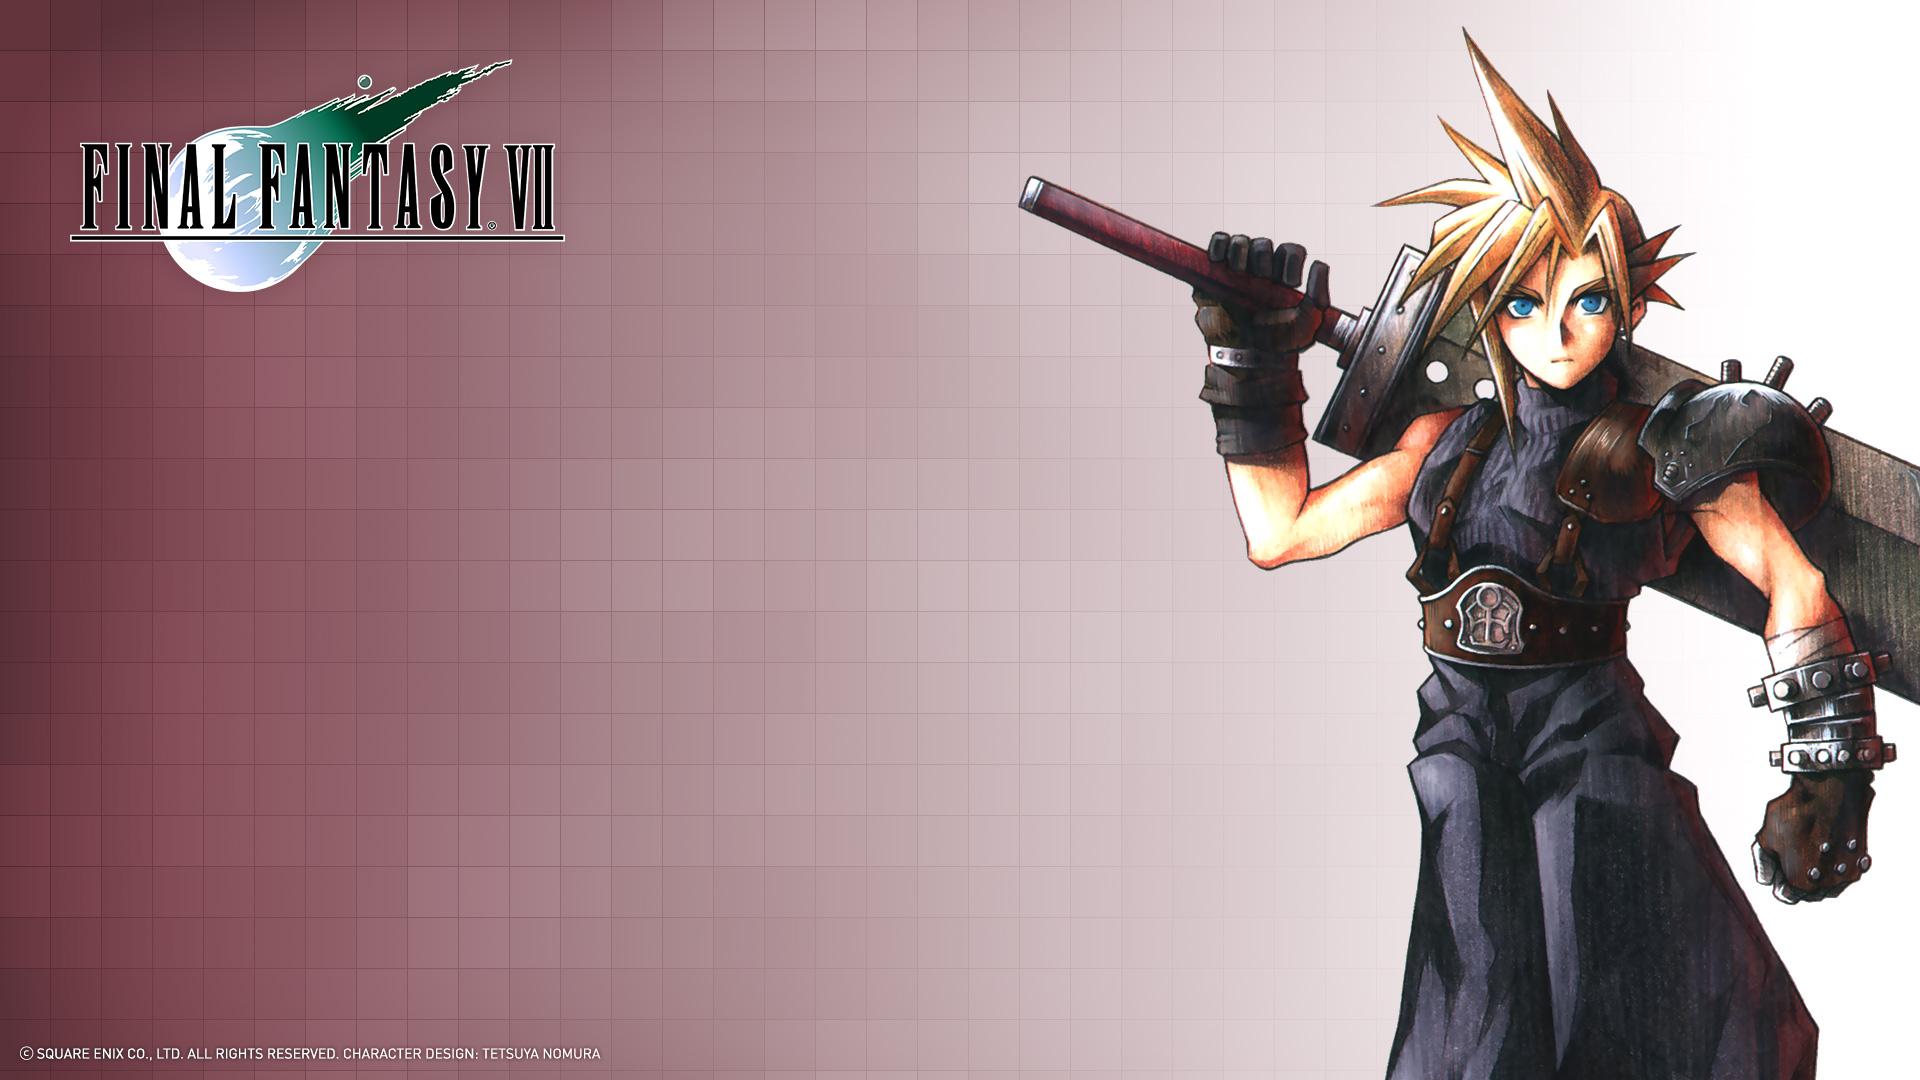 Final Fantasy VII Details